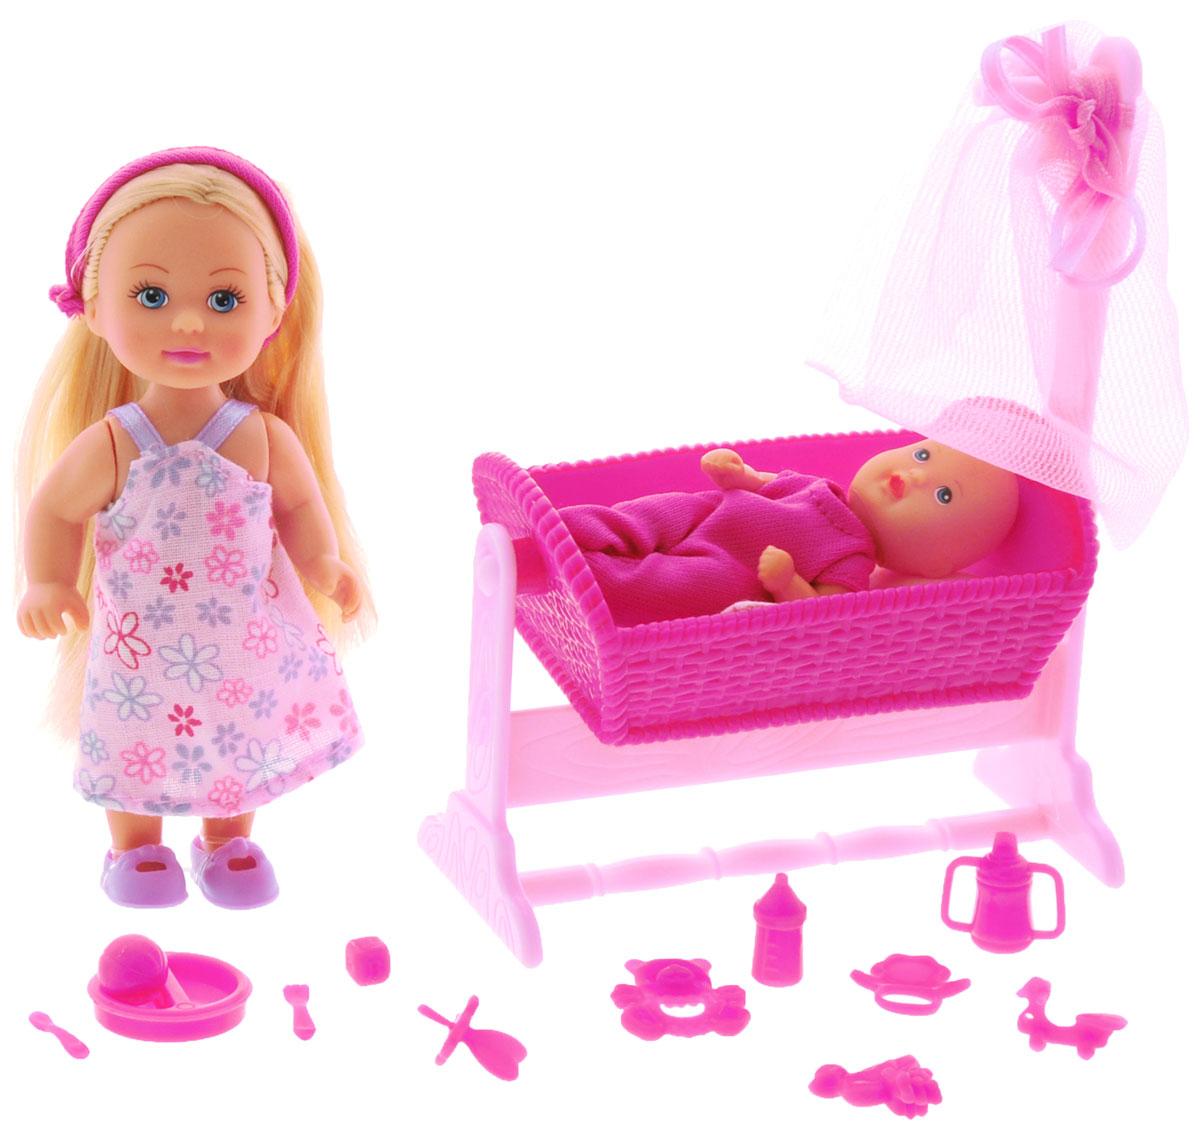 Simba Игровой набор Doll Cradle цвет темно-розовый5736242_темно-розовыйИгровой набор Simba Doll Cradle порадует любую девочку и надолго увлечет ее. В комплект входит кукла Еви, пупс-малыш, колыбель для малыша с мягкой подушкой и одеялом, а также множество аксессуаров для кормления и ухода за малышом. Все аксессуары выполнены из прочного безопасного пластика. Кукла Еви одета в длинное платье в цветочек, на голове у нее - эластичный ободок. На малыше надето темно-розовое боди. Вашей дочурке непременно понравится заплетать длинные белокурые волосы куклы, придумывая разнообразные прически. Руки, ноги и голова куклы подвижны, благодаря чему ей можно придавать разнообразные позы. Игры с куклой способствуют эмоциональному развитию, помогают формировать воображение и художественный вкус, а также разовьют в вашей малышке чувство ответственности и заботы. Великолепное качество исполнения делают этот набор чудесным подарком к любому празднику.